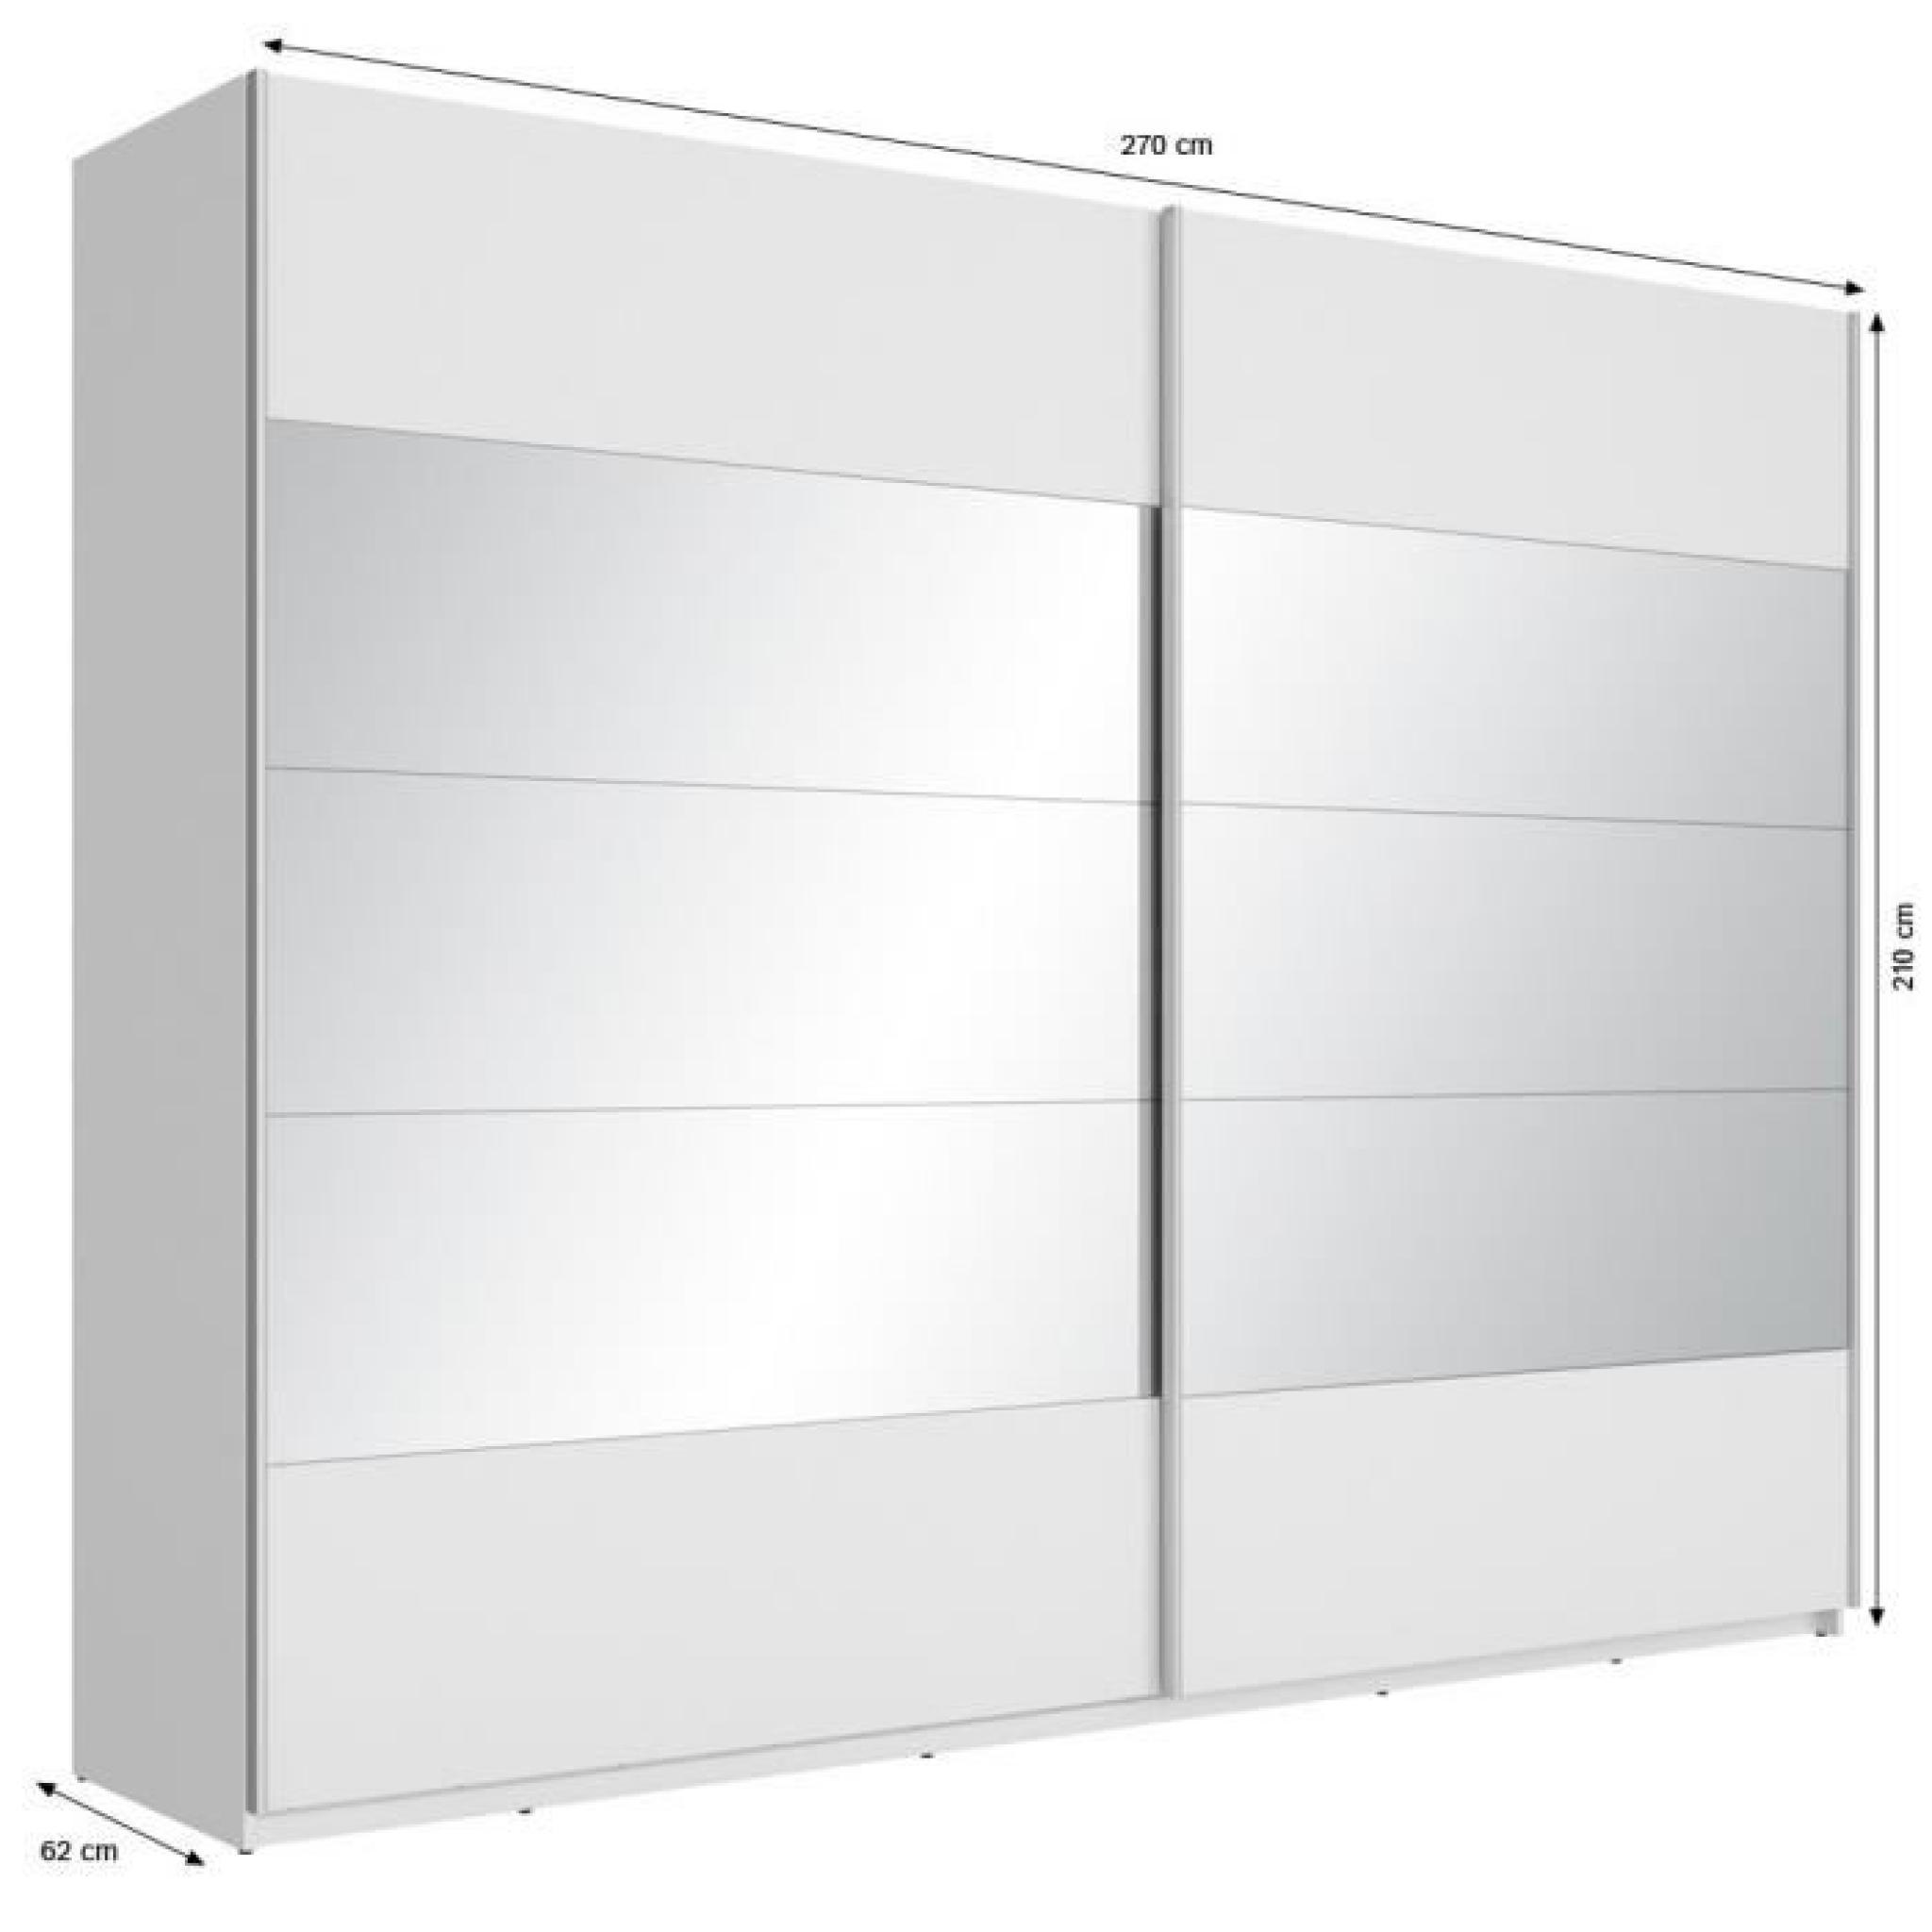 Mega armoire 270 cm blanc et miroir achat vente armoire for Armoire pas cher avec miroir